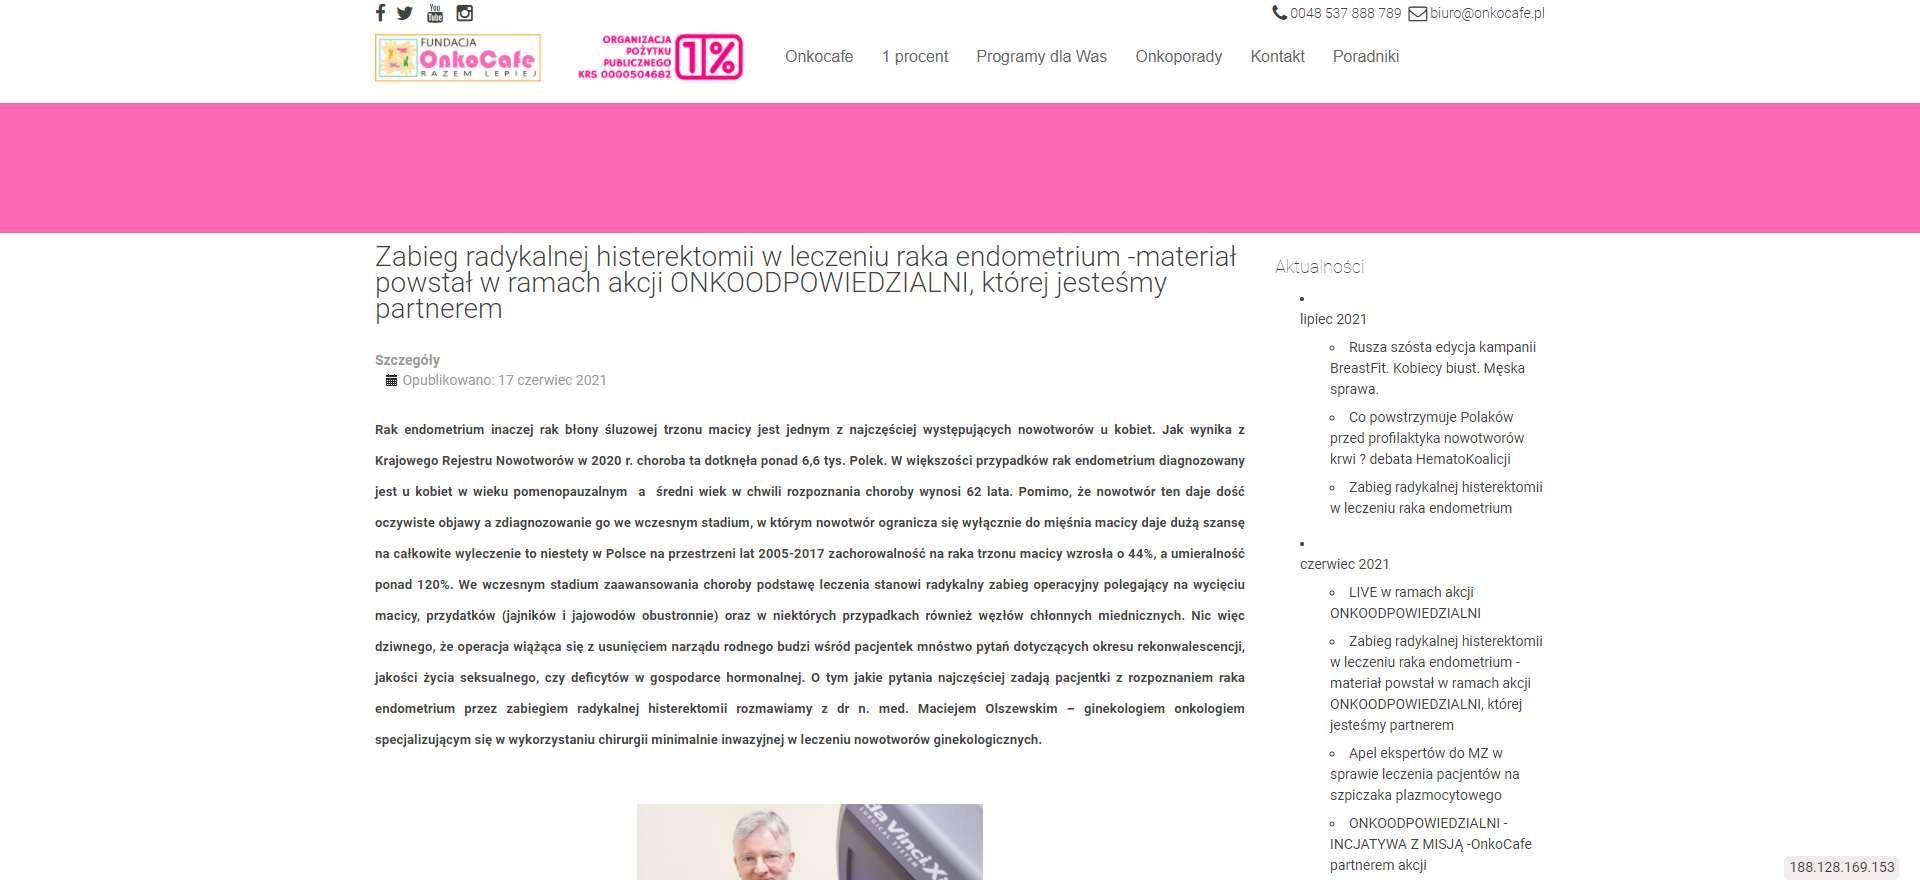 zabieg radykalnej histerektomii w leczeniu raka endometrium material powstal w ramach akcji onkoodpowiedzialni ktorej jestesmy partnerem